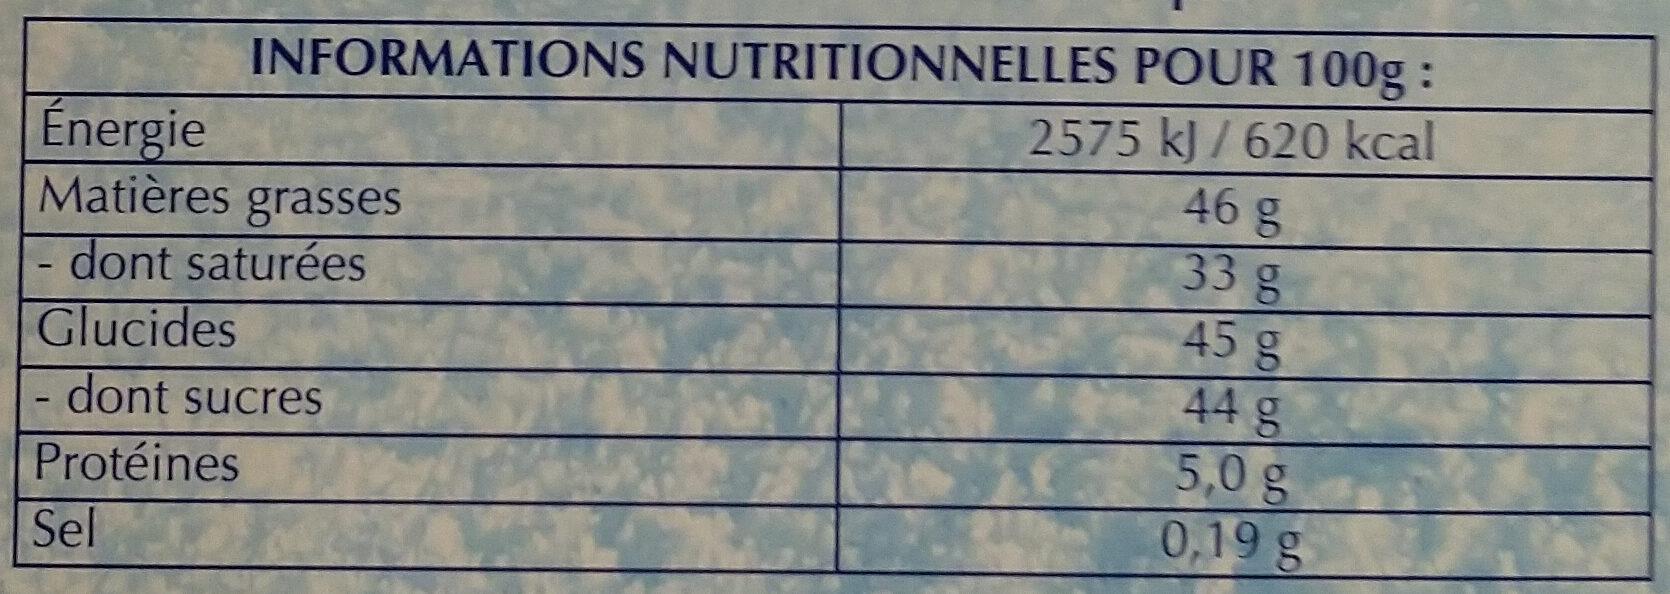 Les Pyrénéens Lait - Nutrition facts - fr